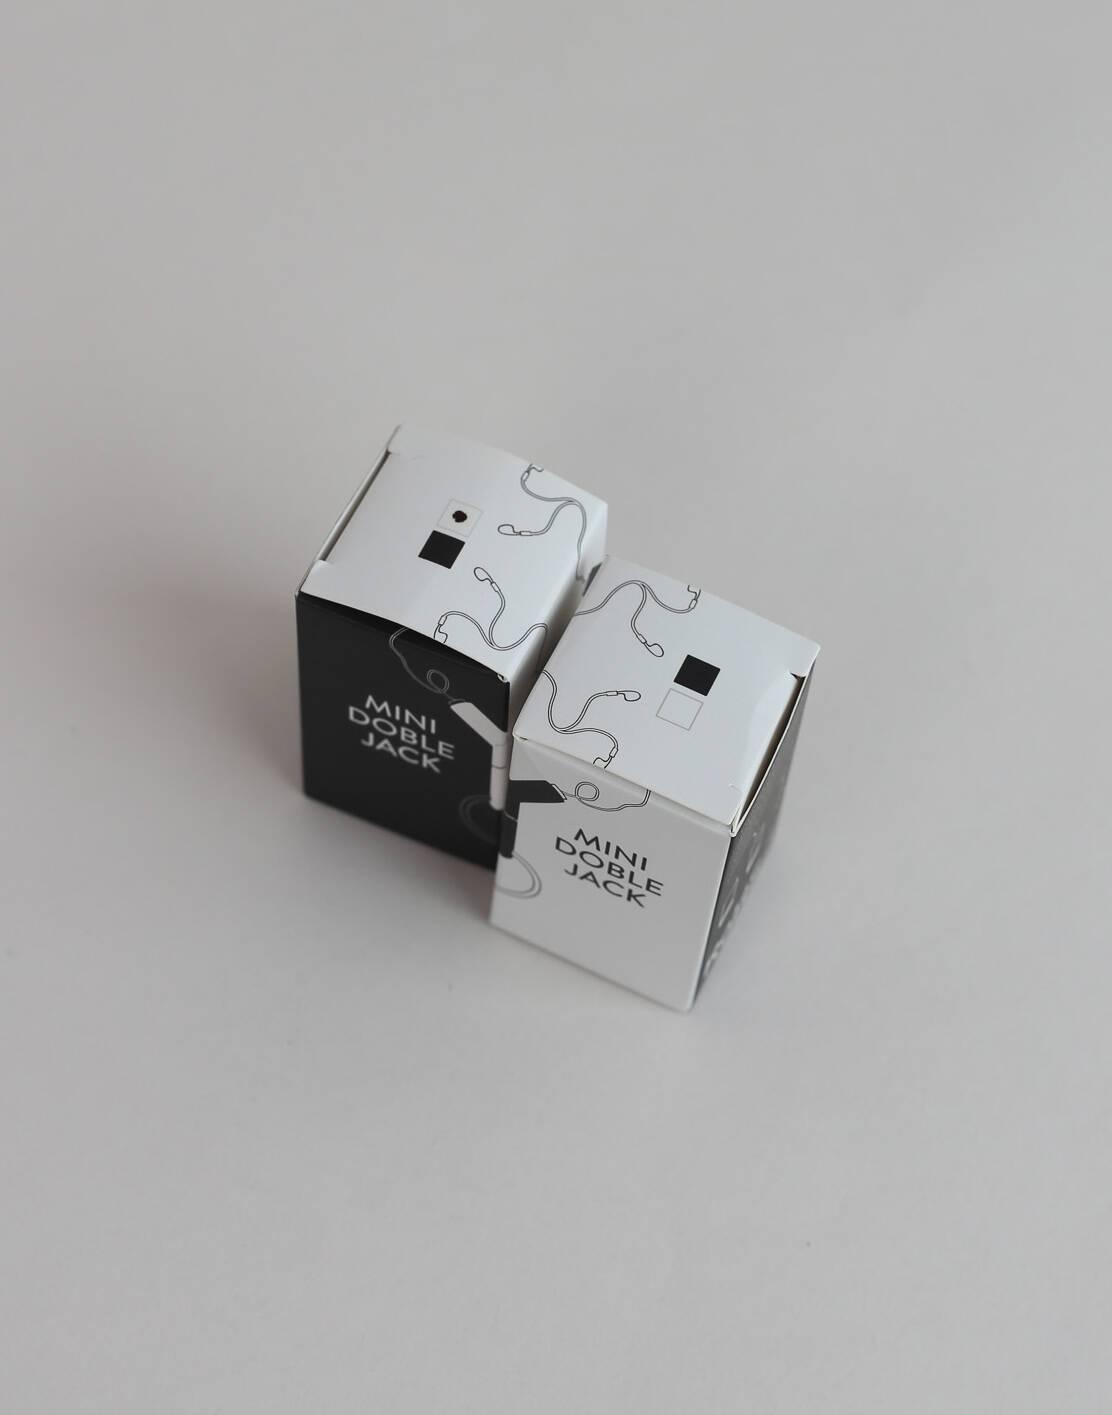 Mini jack-doppelstecker für kopfhörer